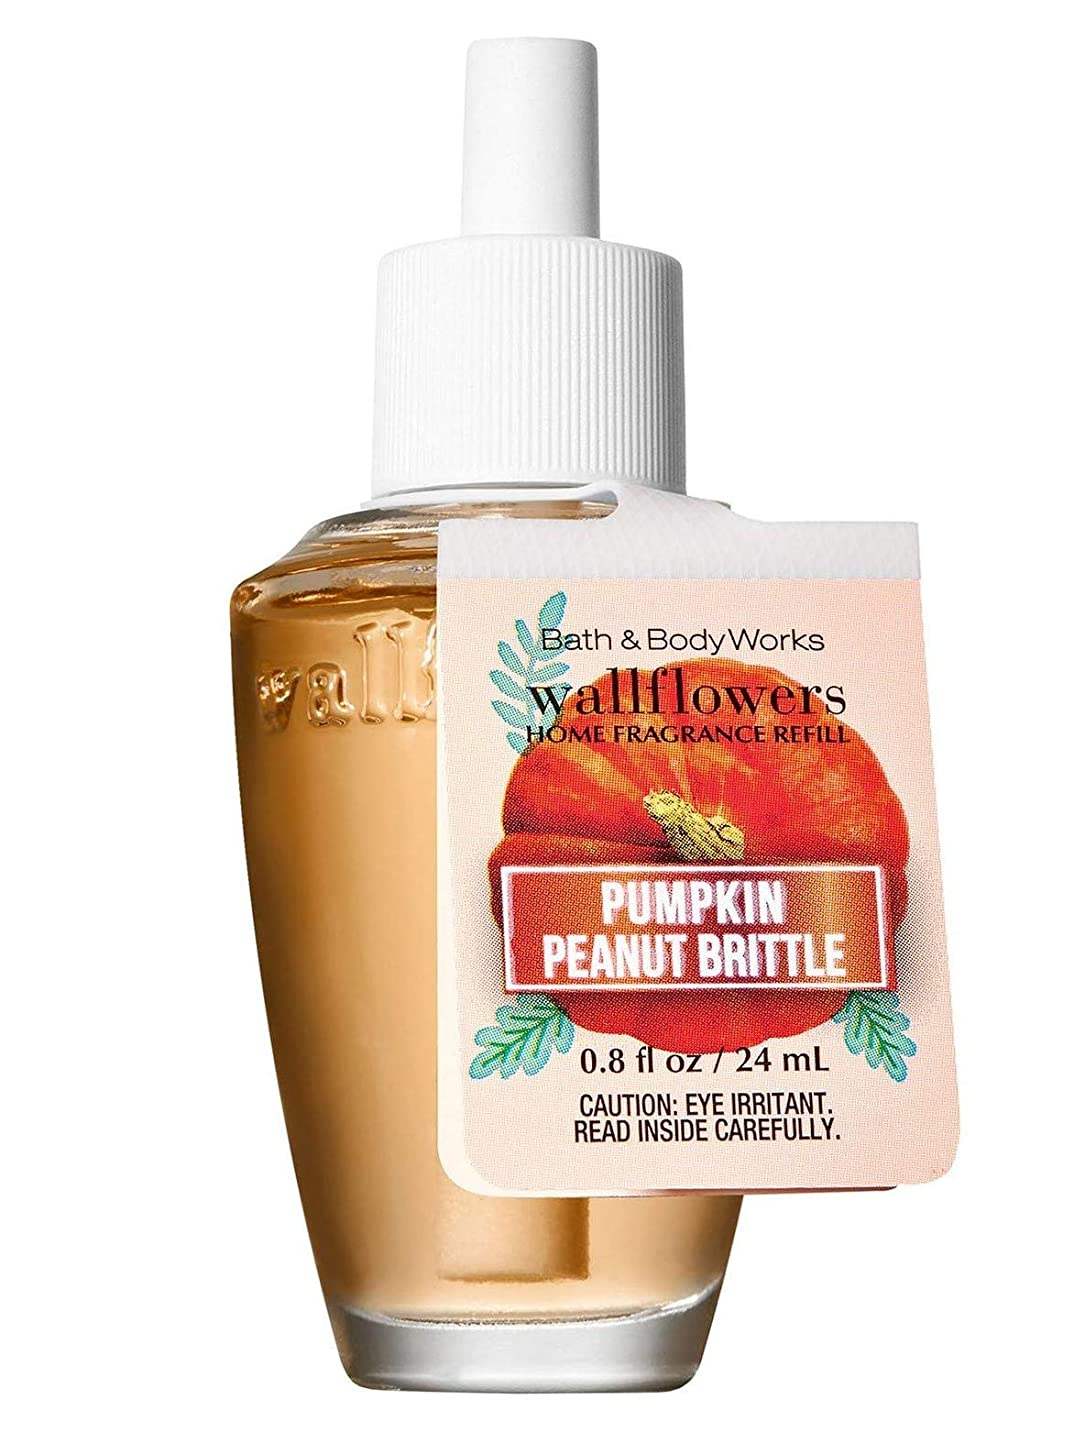 発生する服を片付ける解釈する【Bath&Body Works/バス&ボディワークス】 ルームフレグランス 詰替えリフィル パンプキンピーナッツブリトル Wallflowers Home Fragrance Refill Pumpkin Peanut Brittle [並行輸入品]